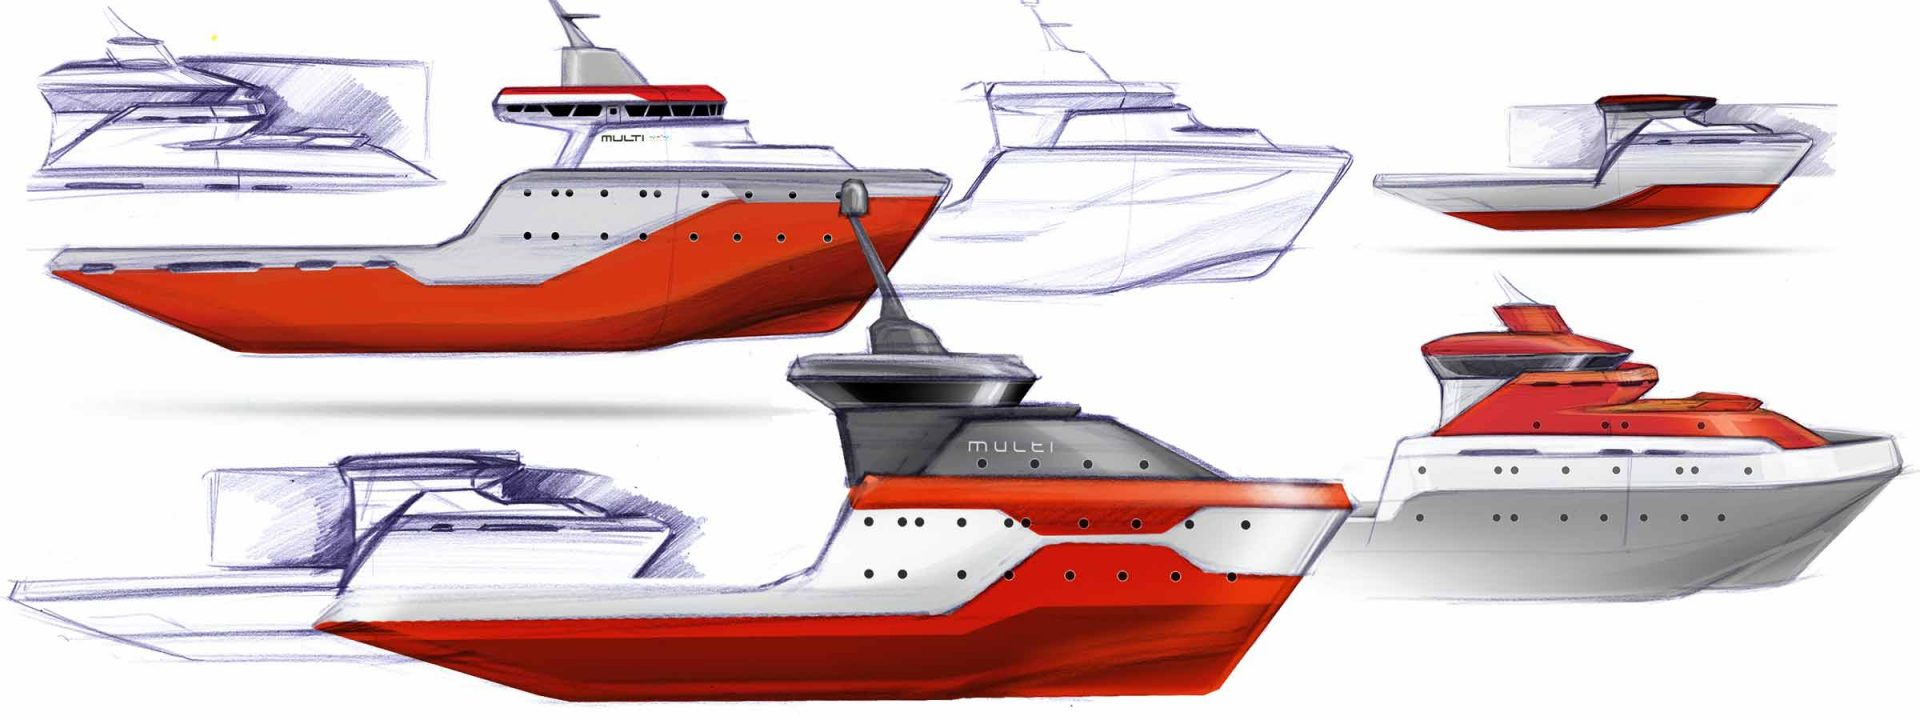 Multi Engineering naval design by WERKEMOTION